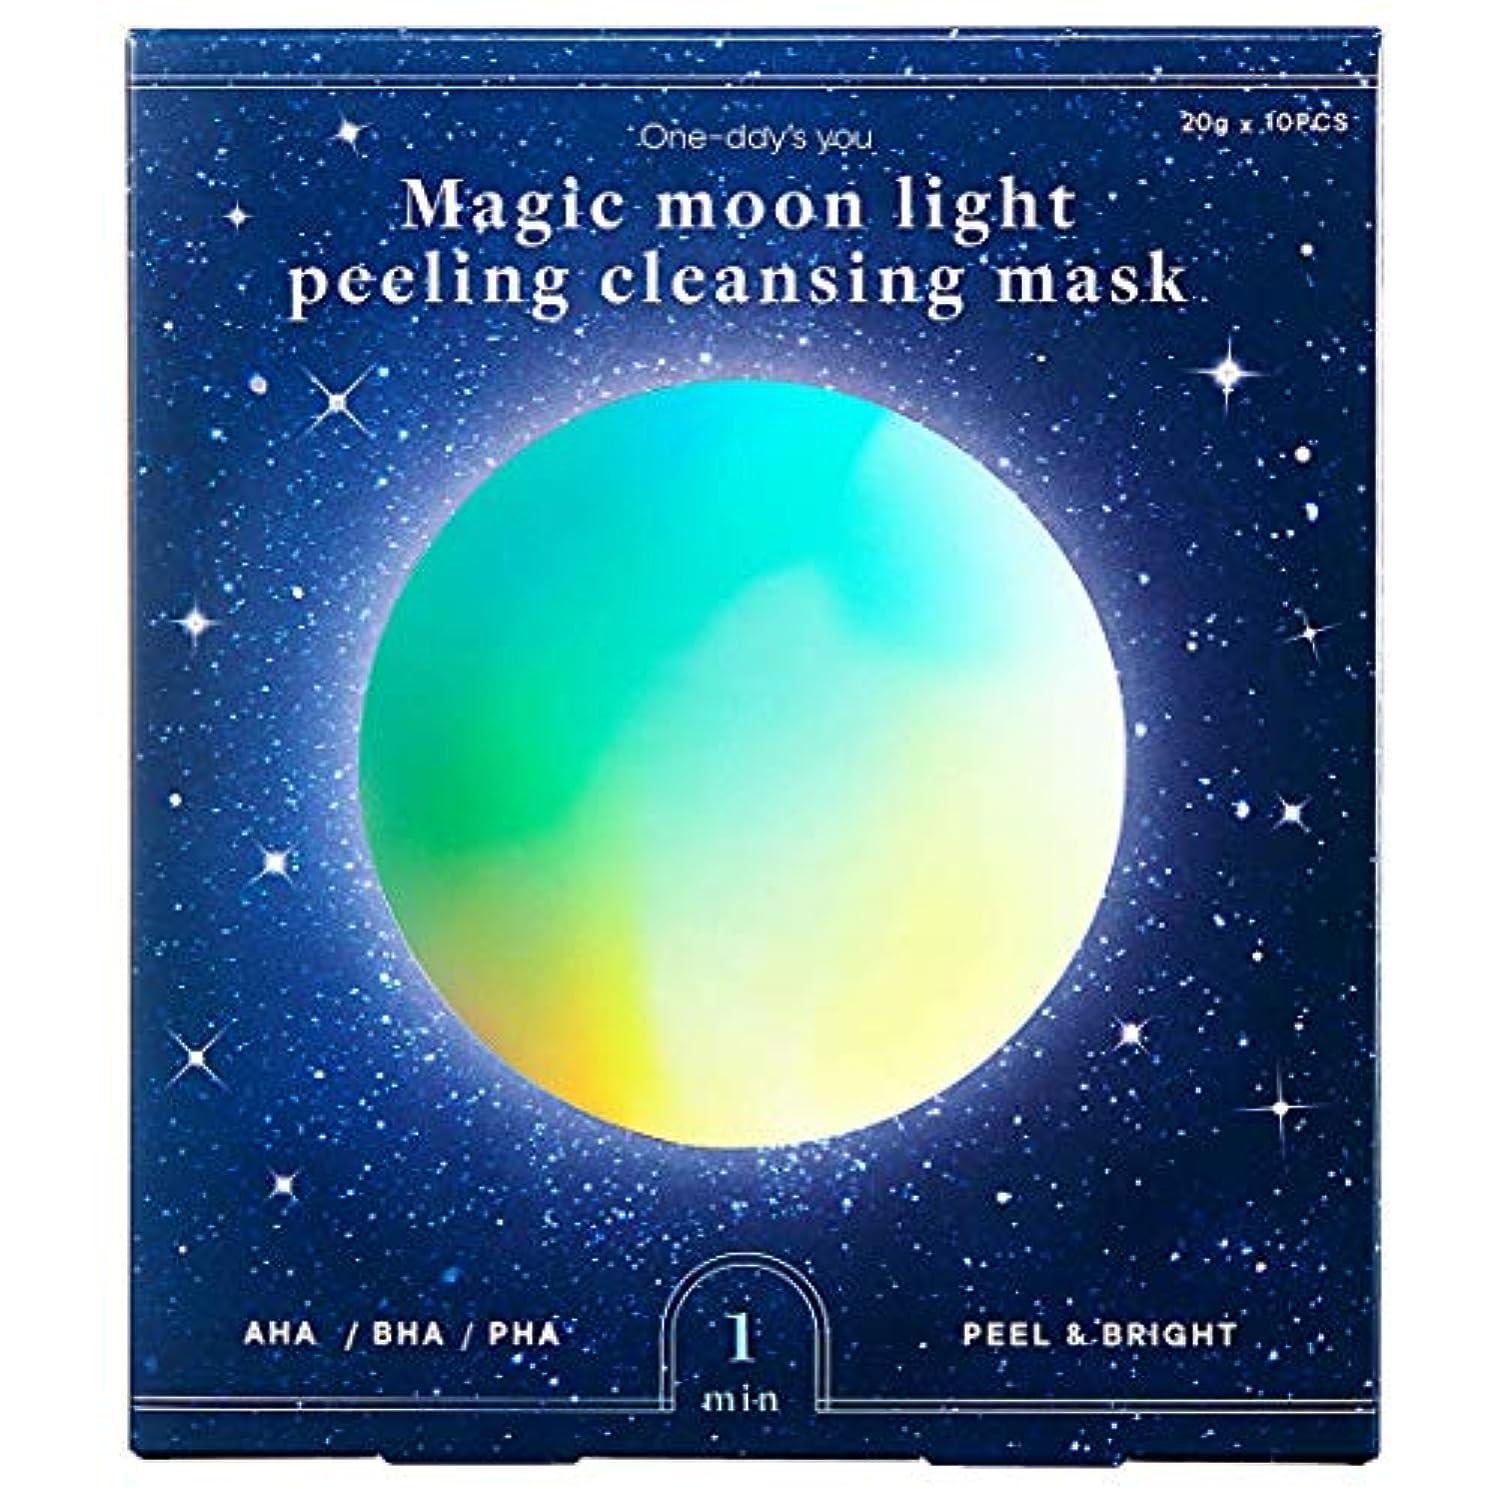 フィドル正確ラテンOne day's you [ワンデイズユー ] マジック ムーンライト ピーリング クレンジング マスク/Magic Moonlight Peeling Cleansing Mask (20g*10ea) [並行輸入品]